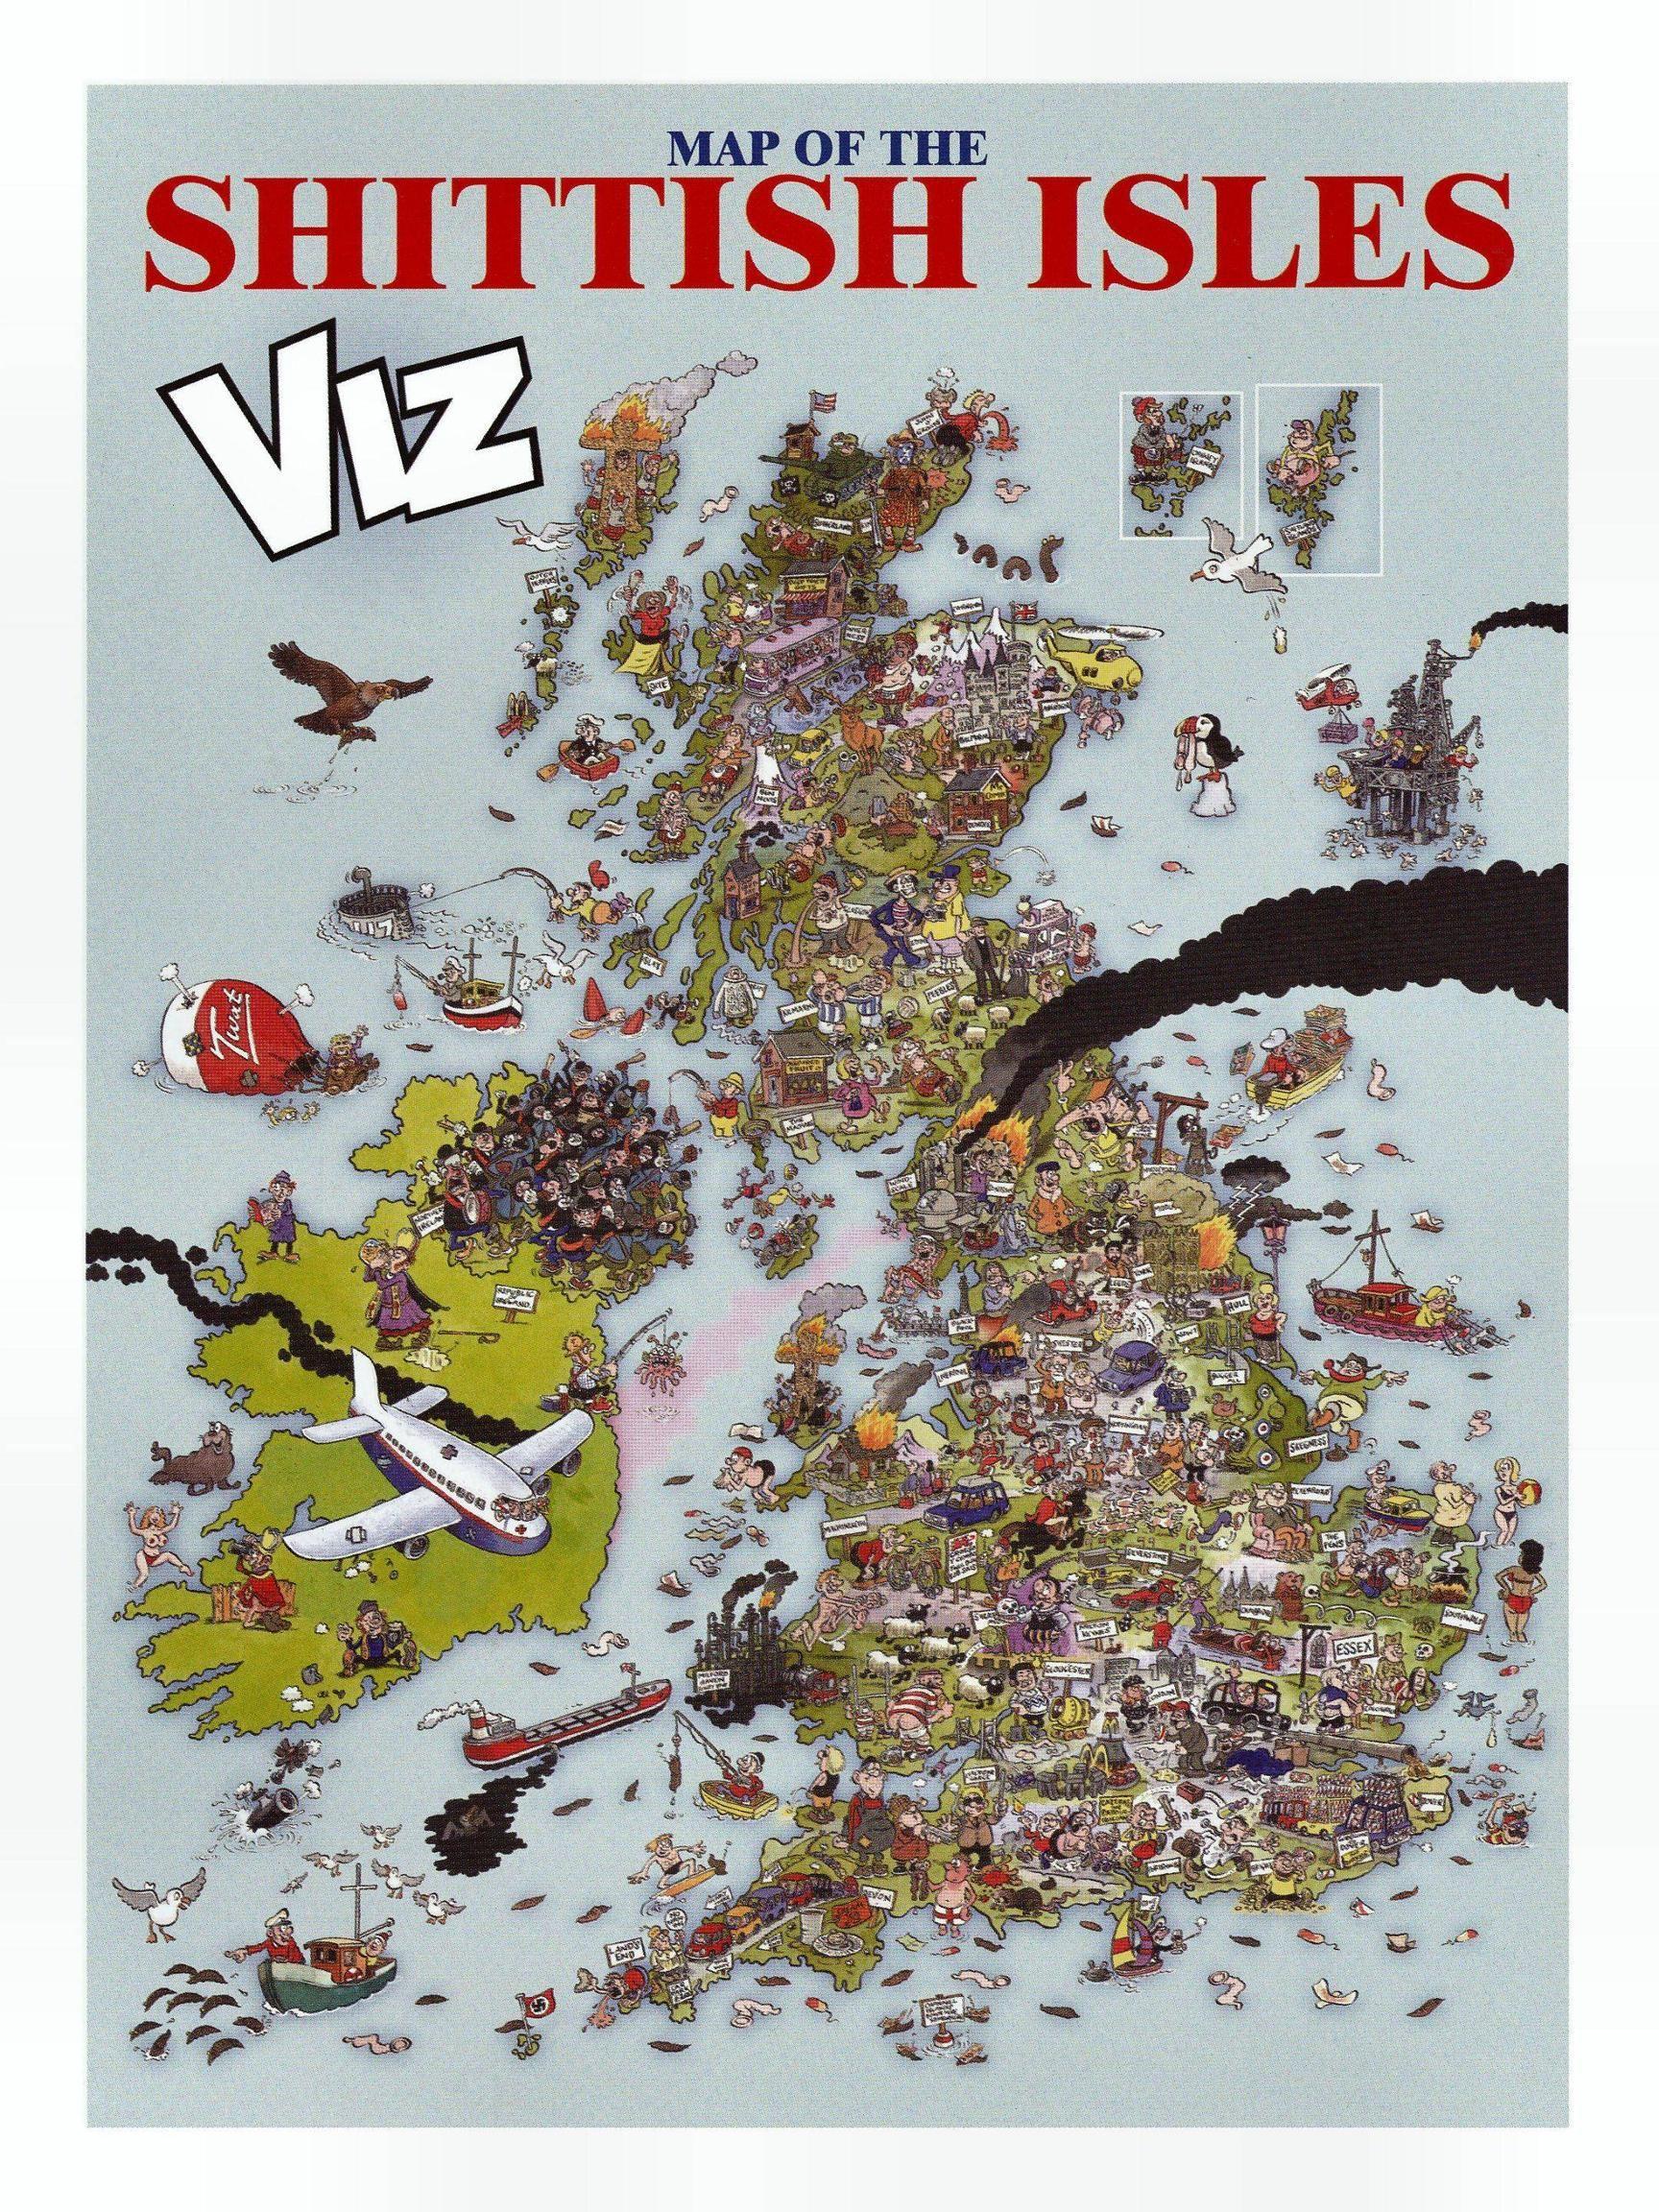 Offensive map of Britain by British satirical Magazine Viz 2400